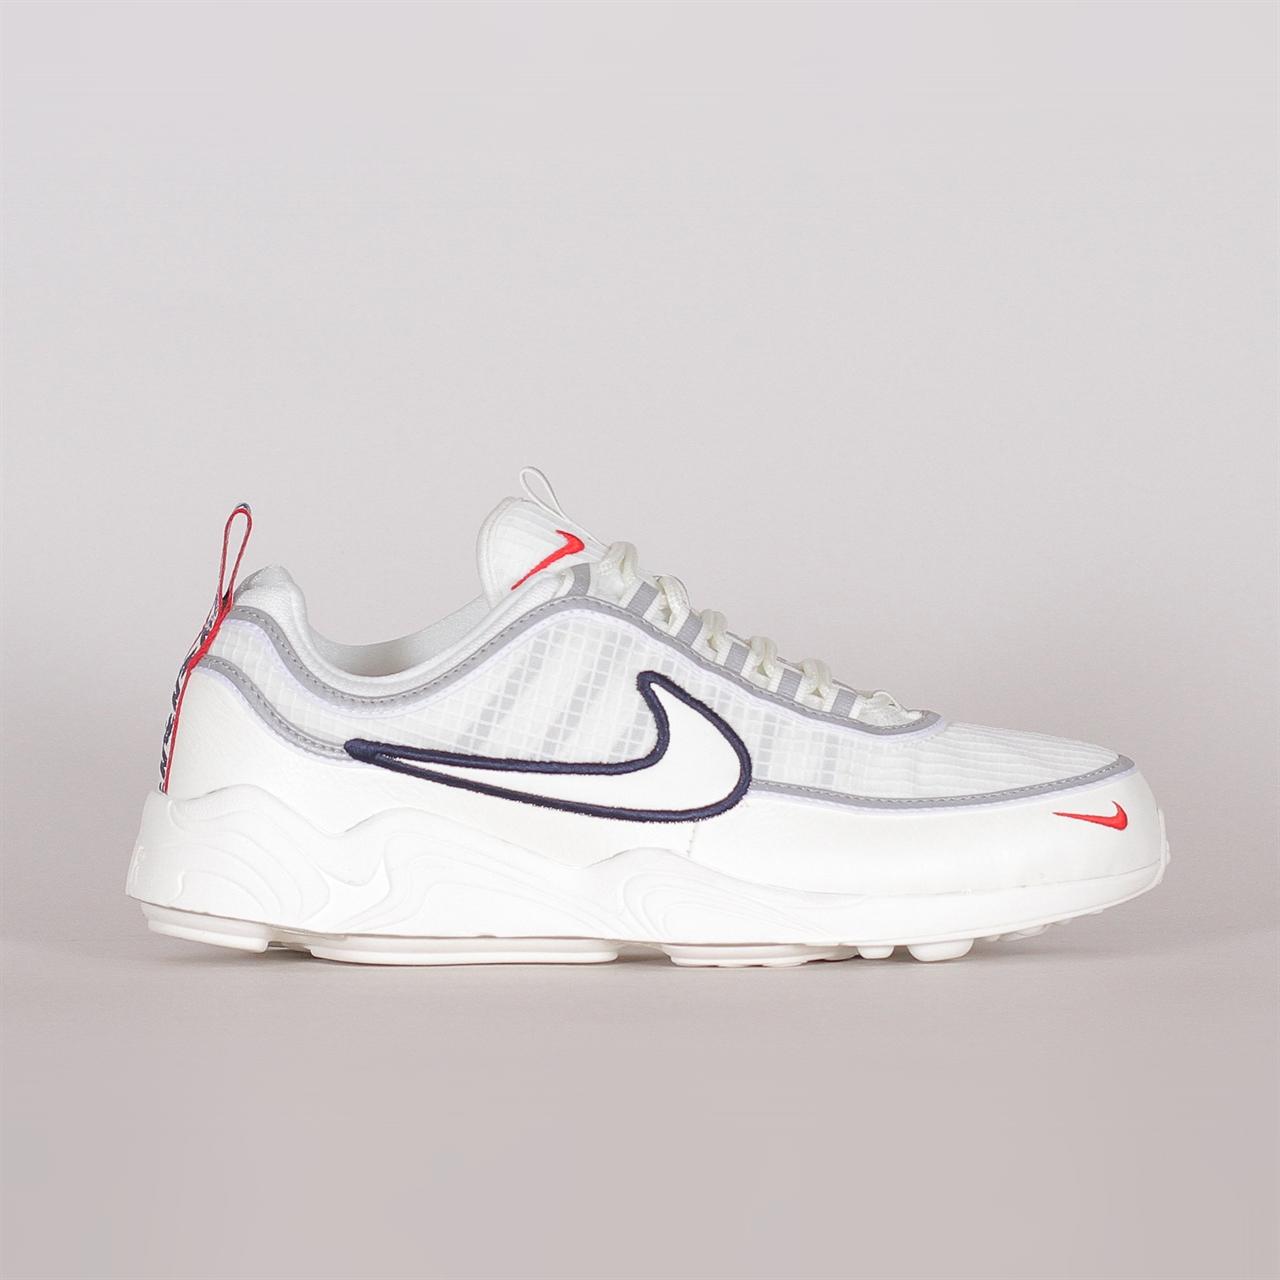 sports shoes 7a2bd 3609b Sneakers   footwear